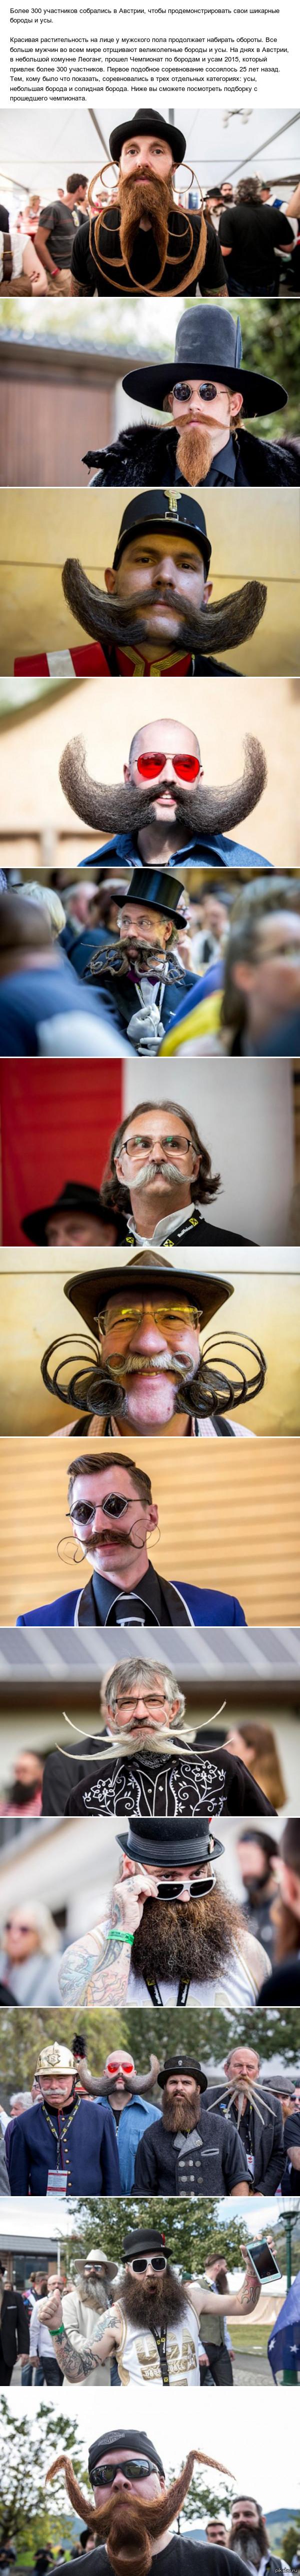 В Австрии завершился Чемпионат мира по бородам и усам 2015